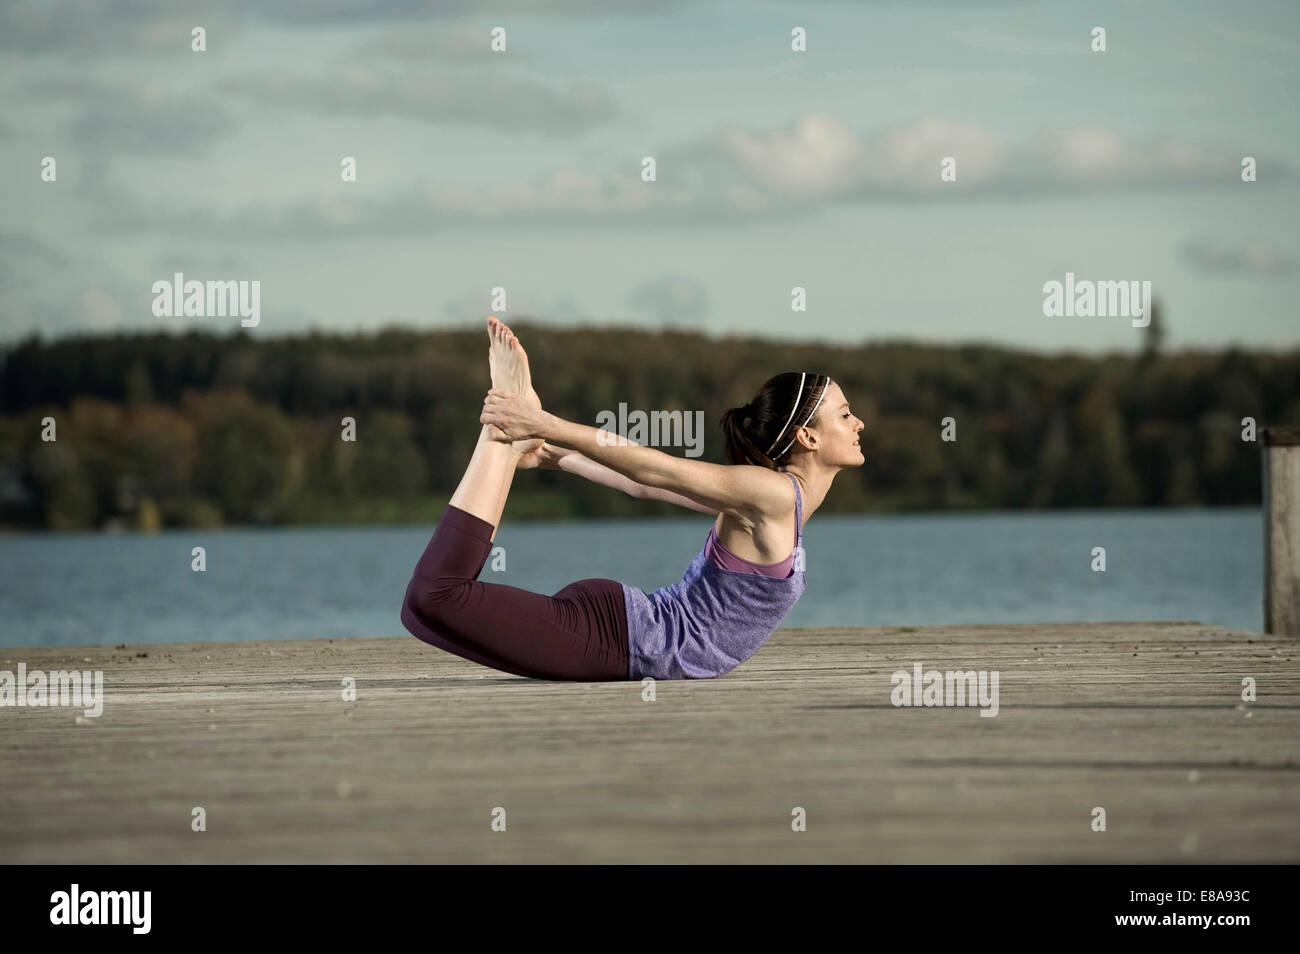 Mujer practicando yoga en jetty, Woerthsee, Baviera, Alemania Foto de stock